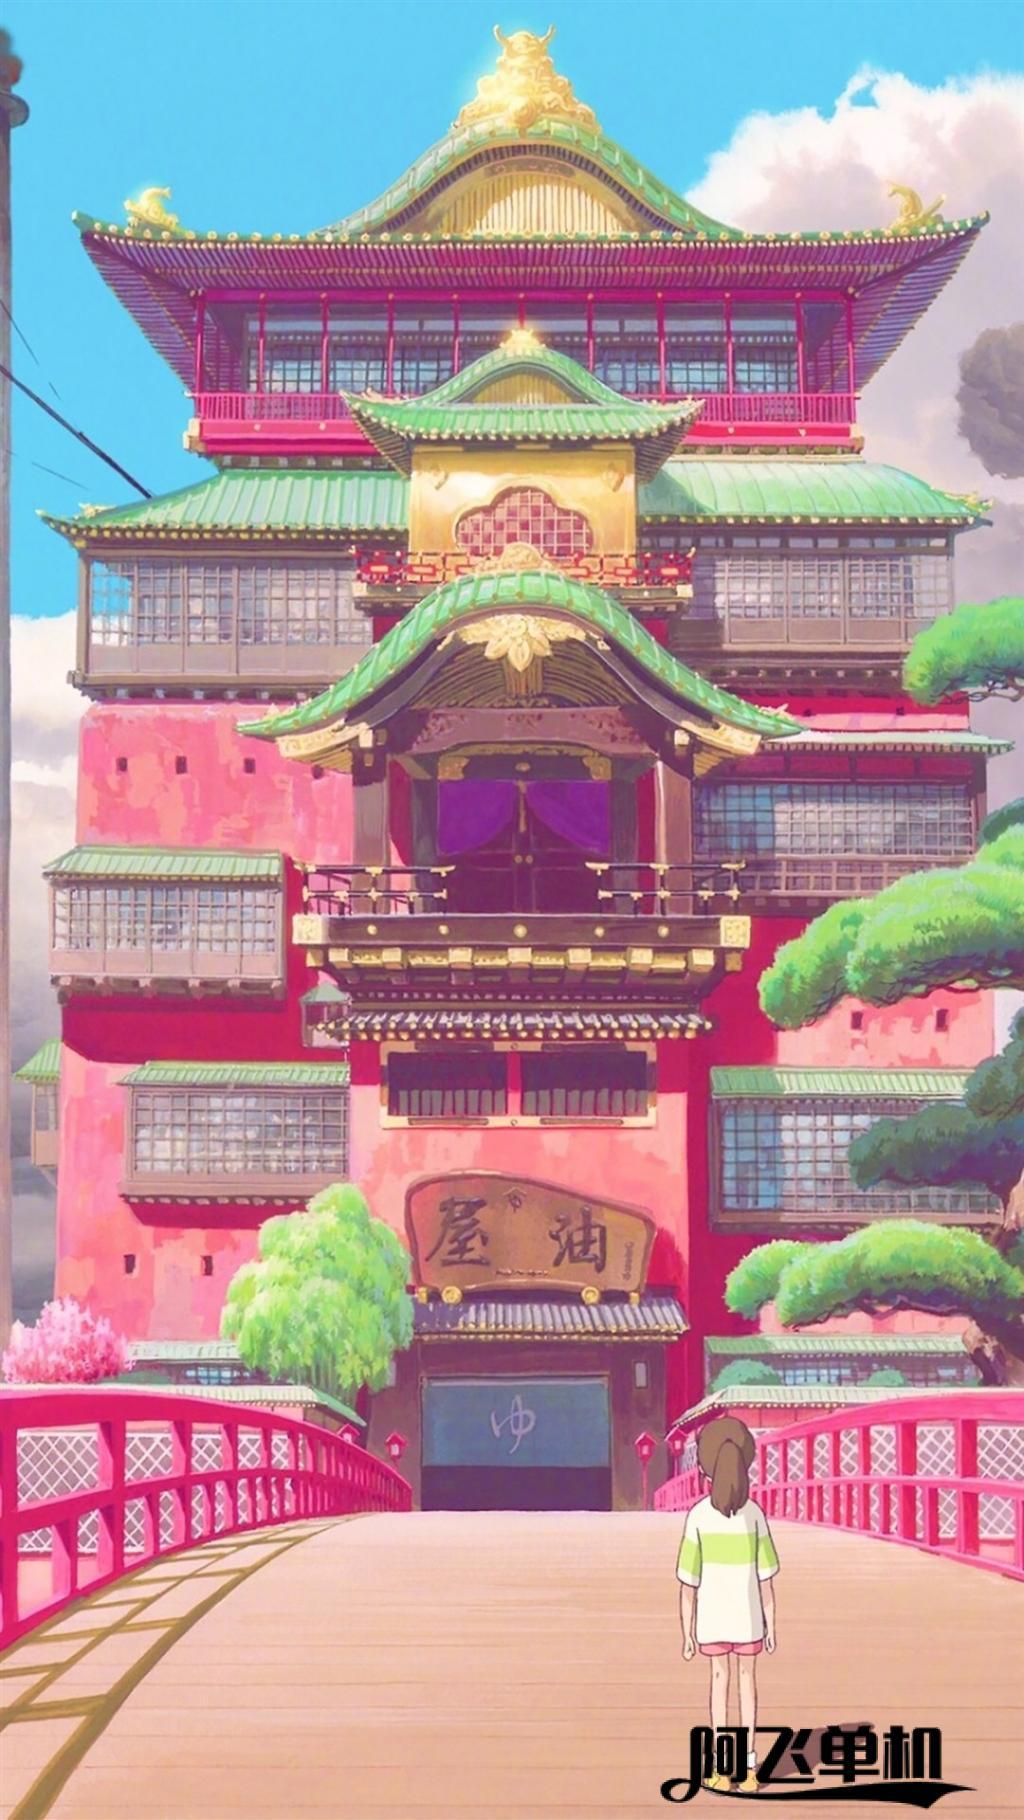 宫崎骏唯美场景高清手机壁纸